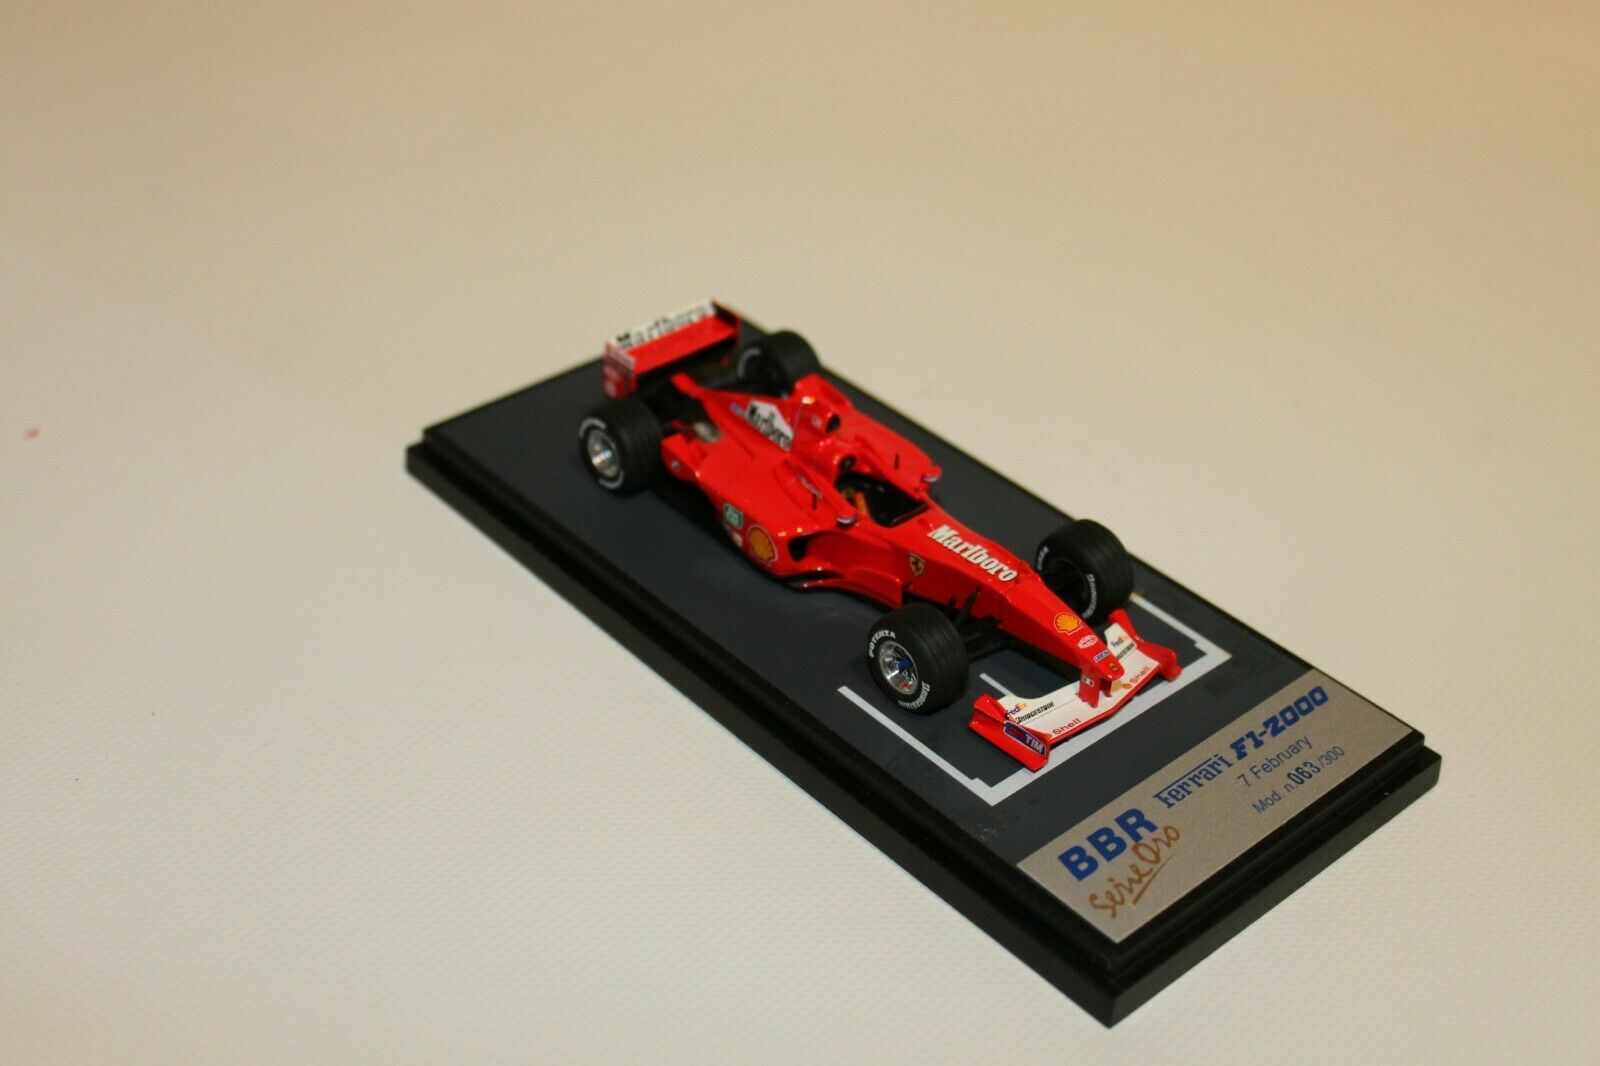 BBR BG193 Ferrari F1 - 2000 Press Version 7 02 2000